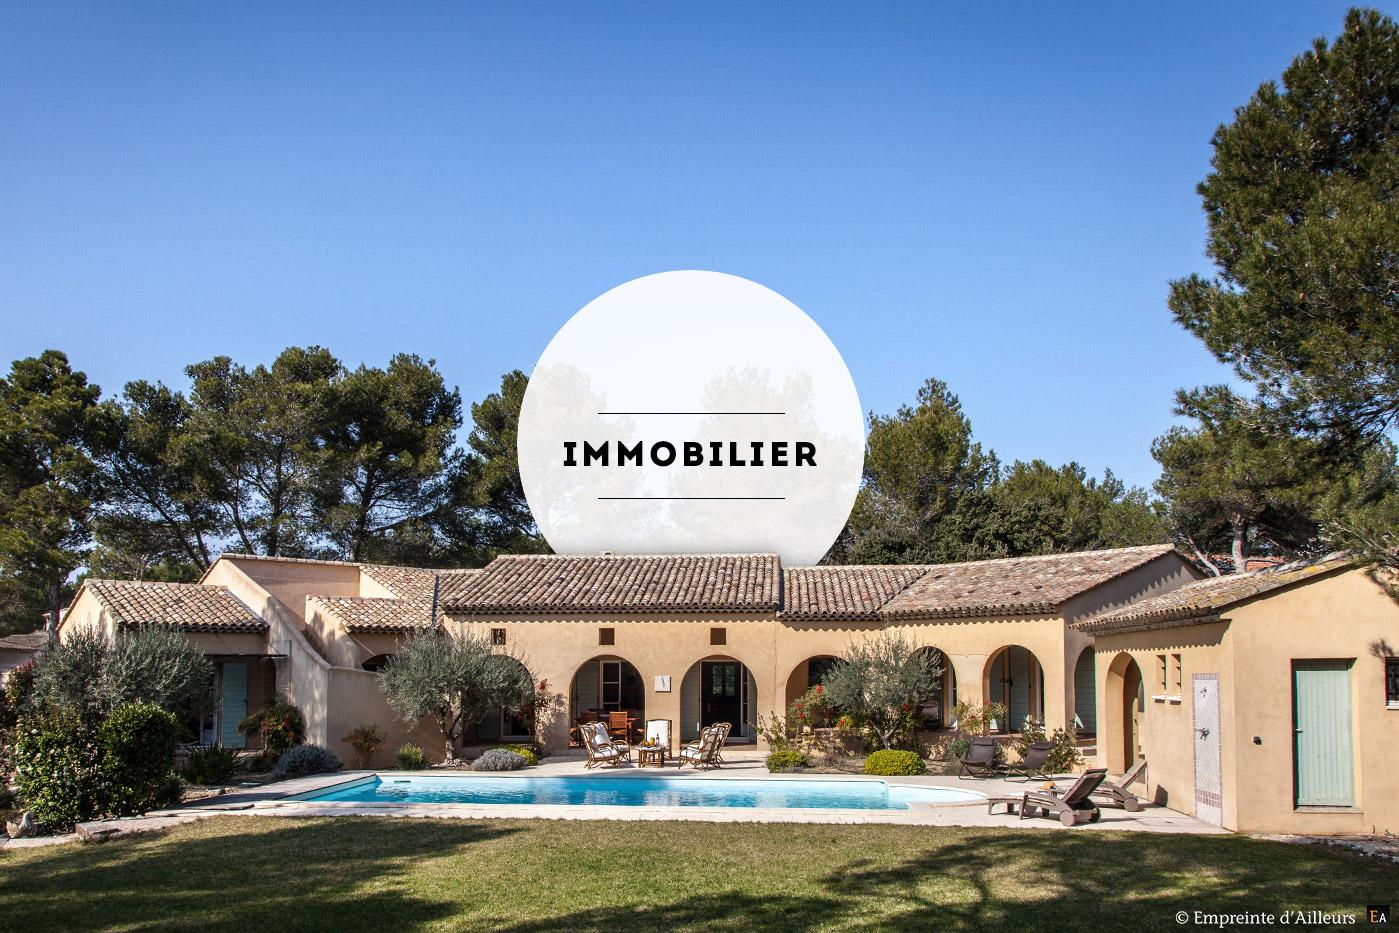 Photographe immobilier et maison en Provence